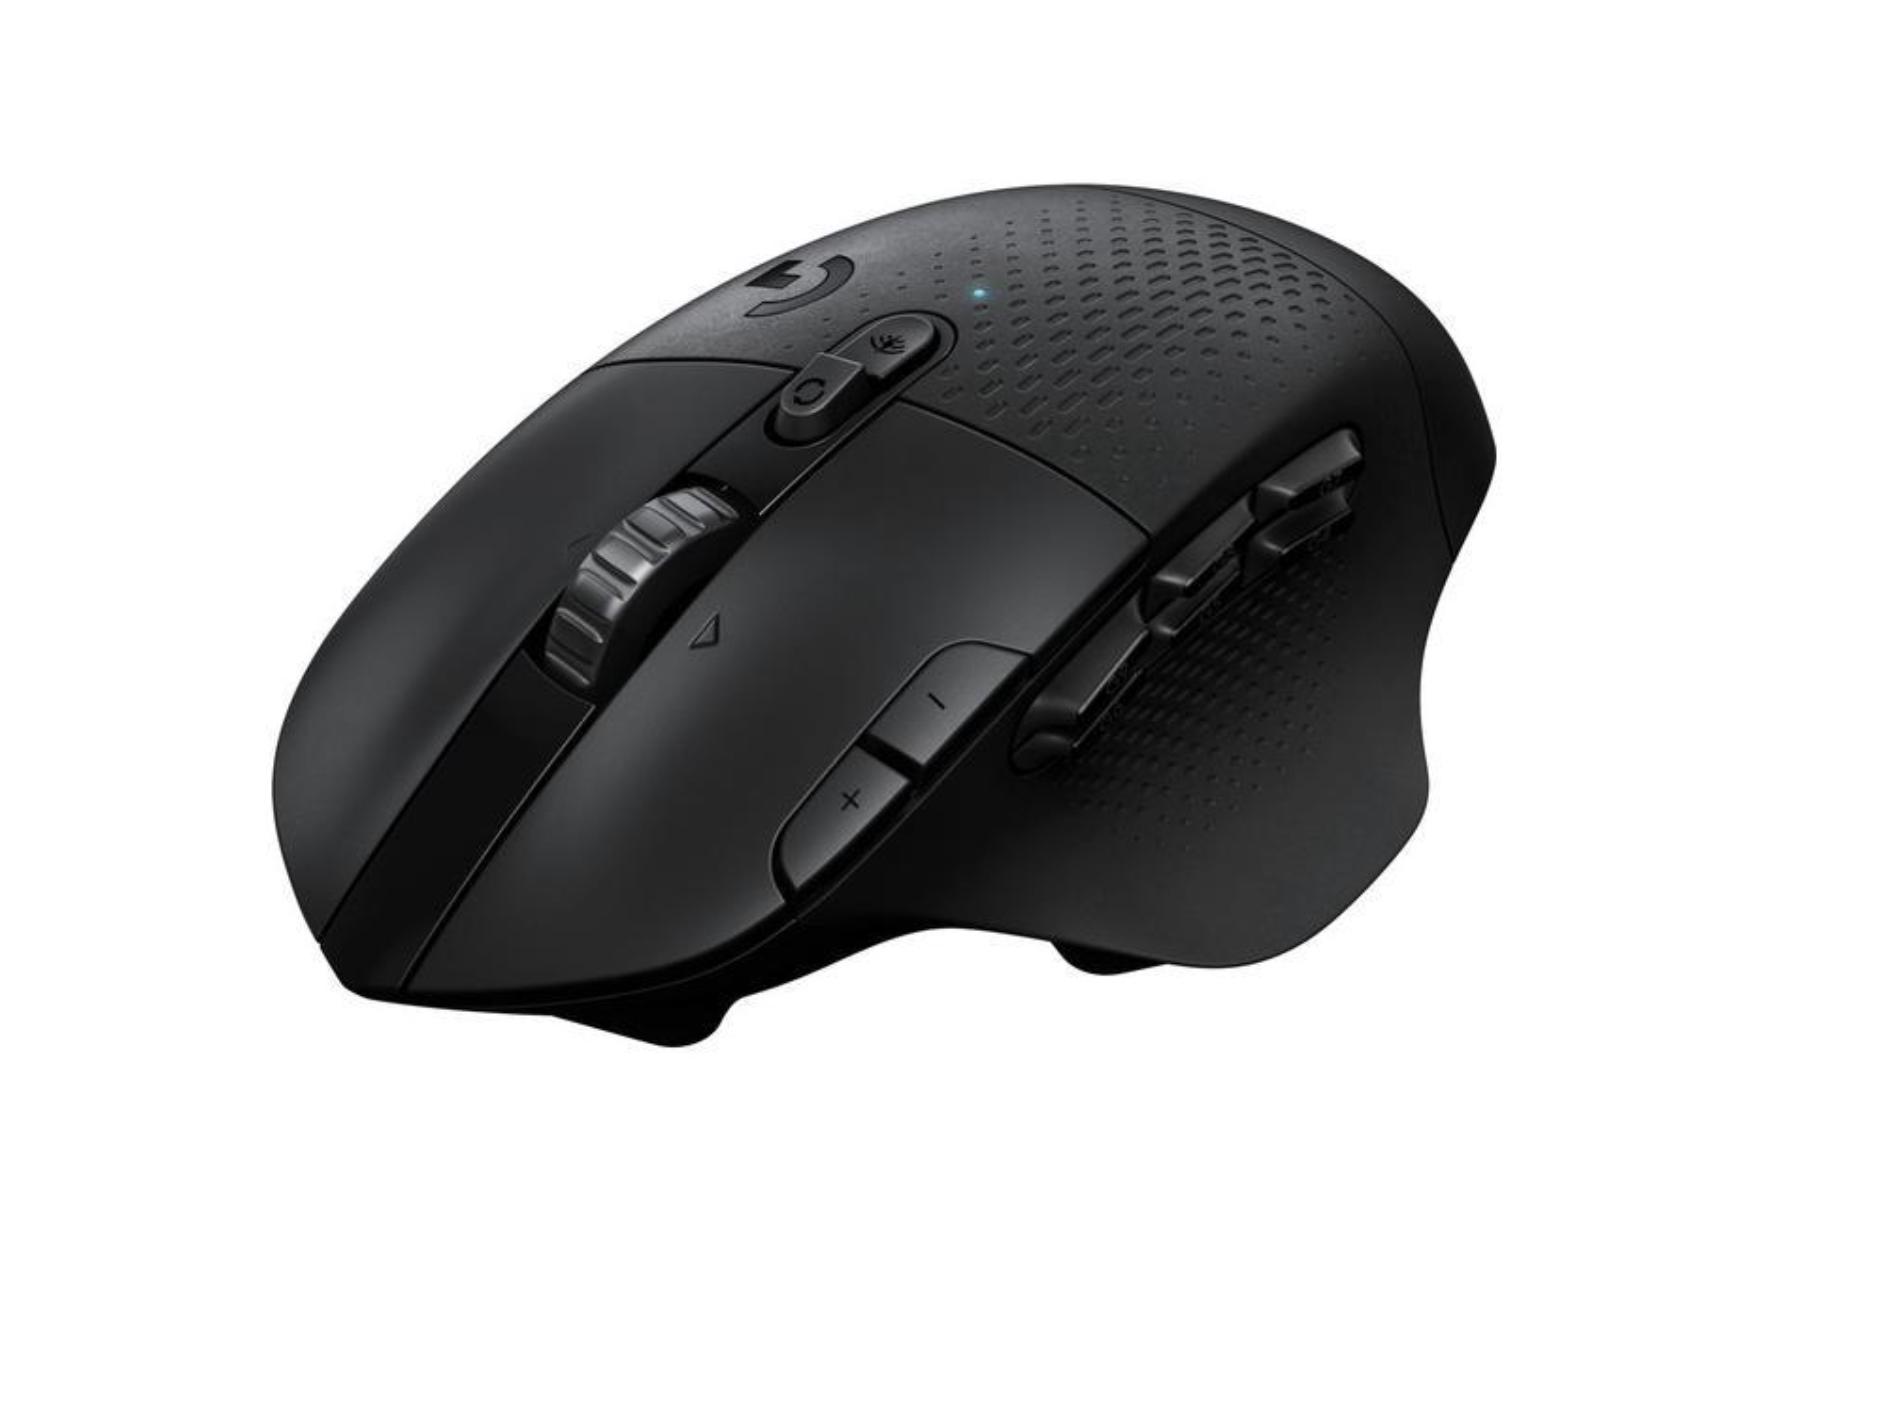 Newegg Black Friday Logitech G604 Lightspeed Wireless Gaming Mouse For 44 99